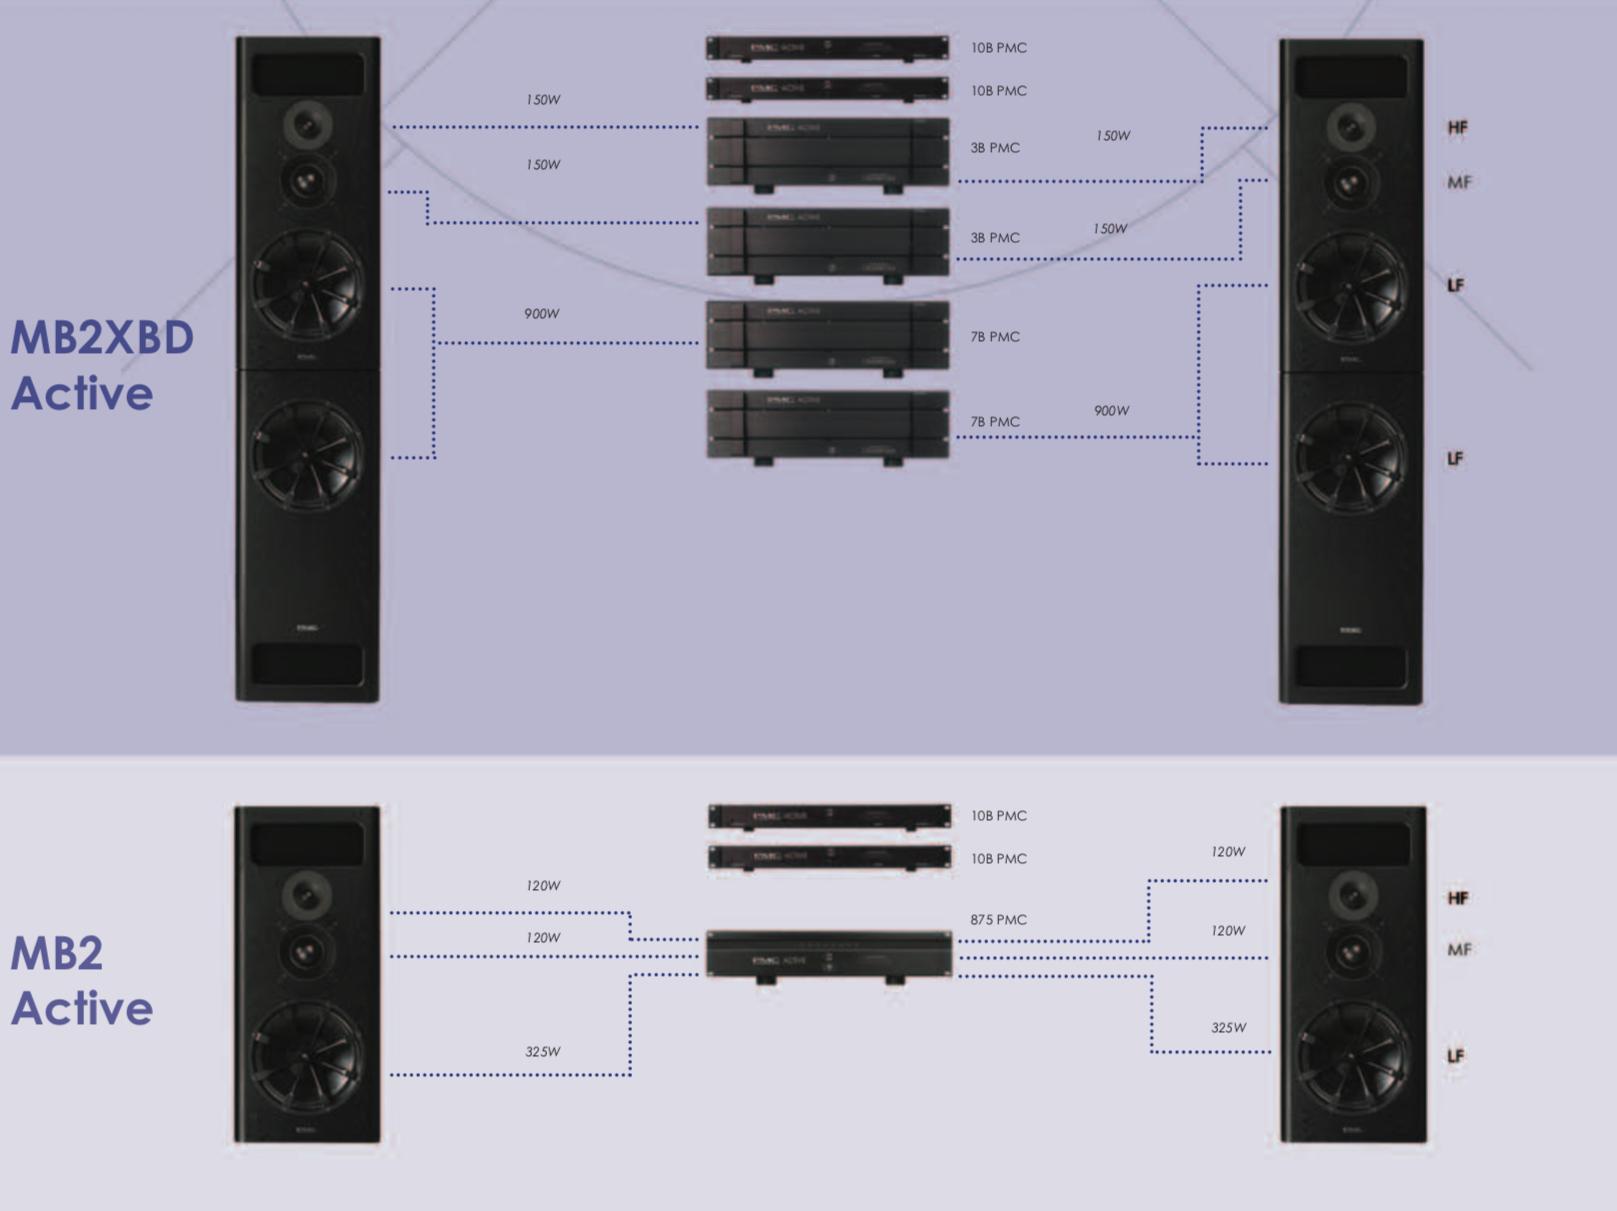 DD7CED6A-5FF4-45B3-AC58-9807079A5DEF.jpeg